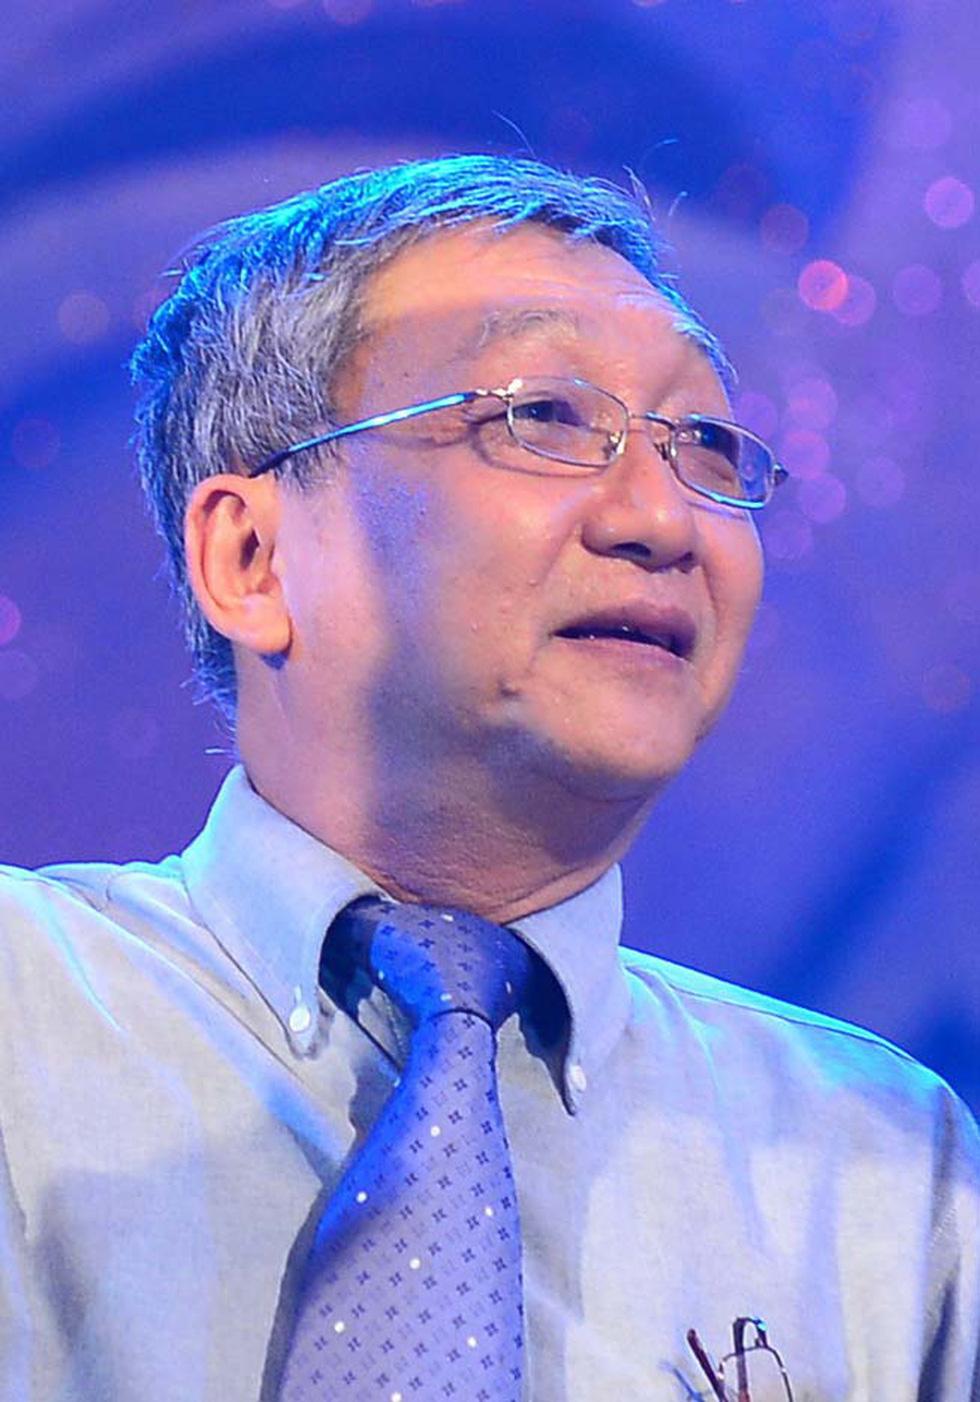 Vĩnh biệt nhà văn - nhà báo - anh Hai Cù Nèo Lê Văn Nghĩa - Ảnh 3.